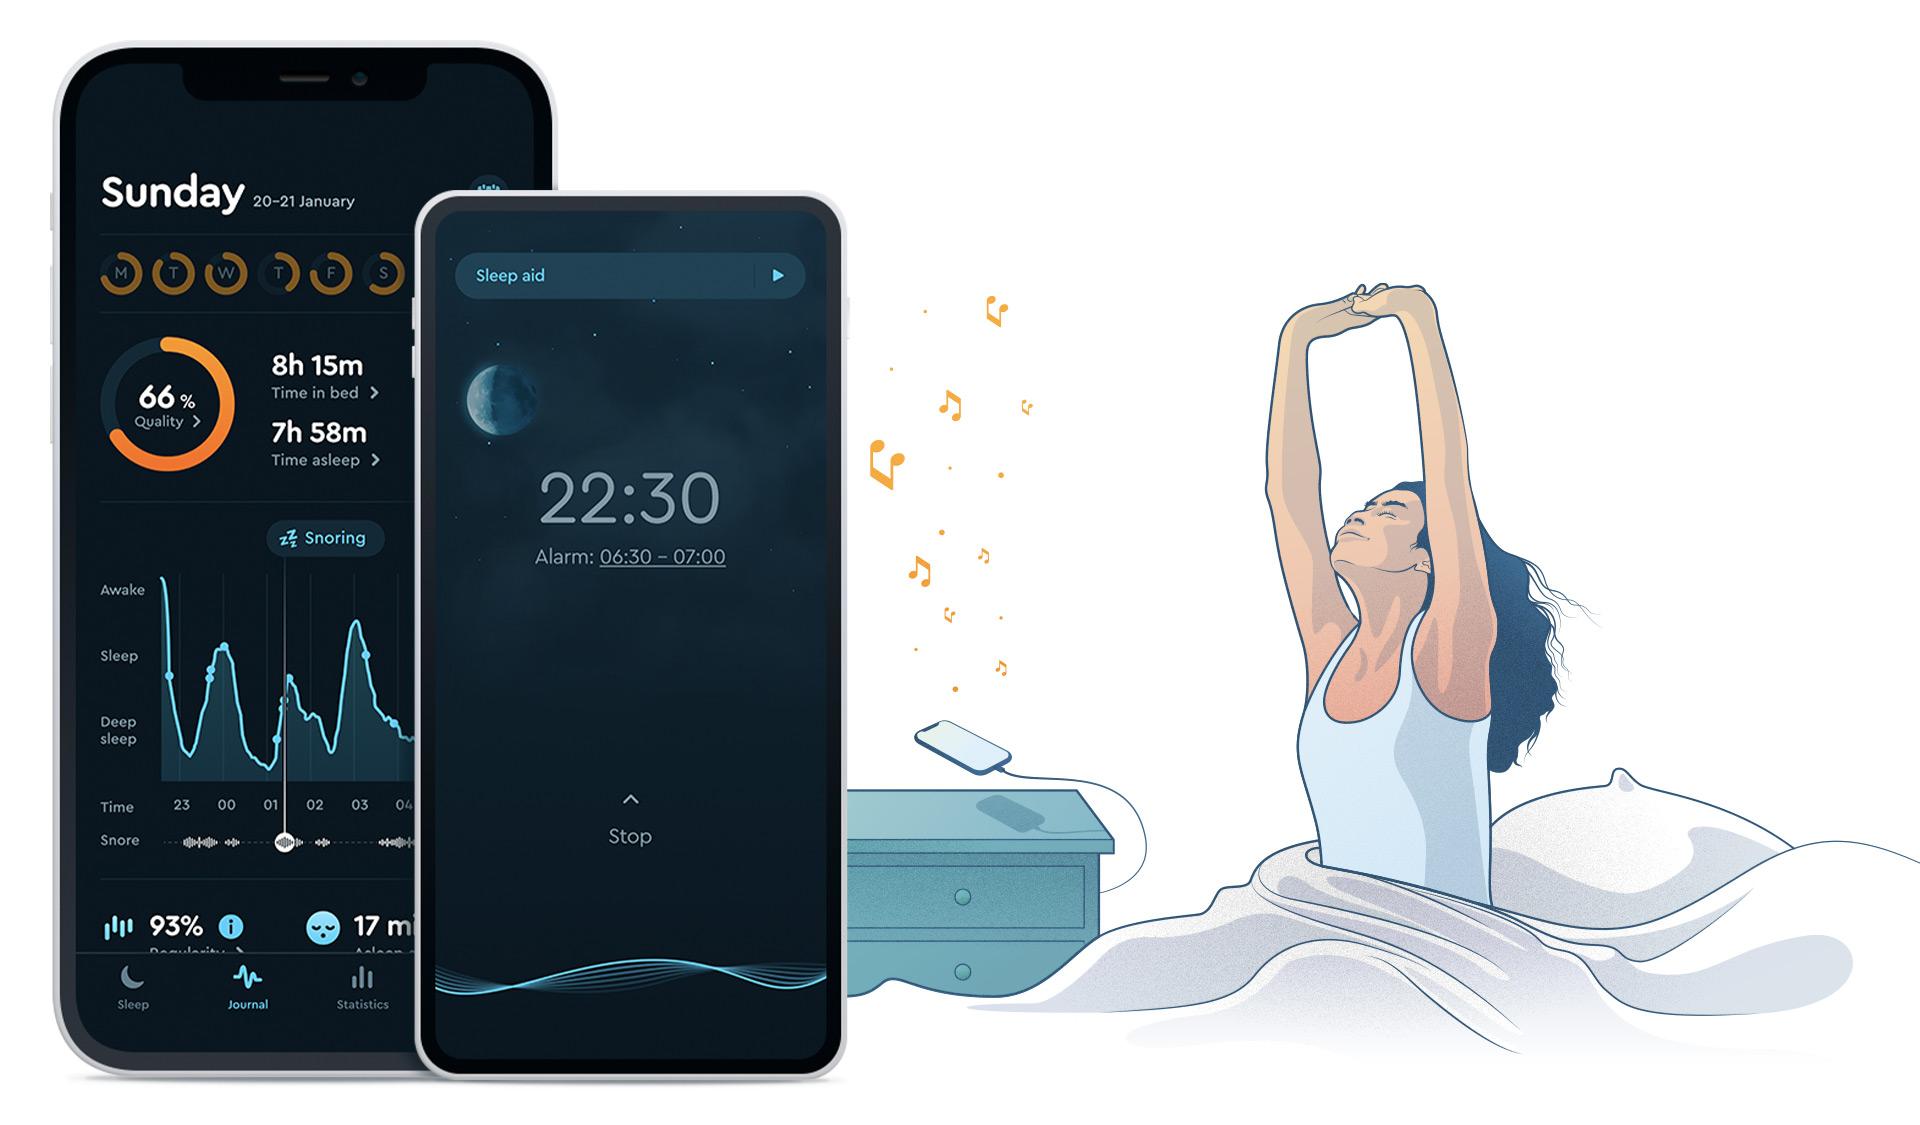 How the Sleep Cycle app works